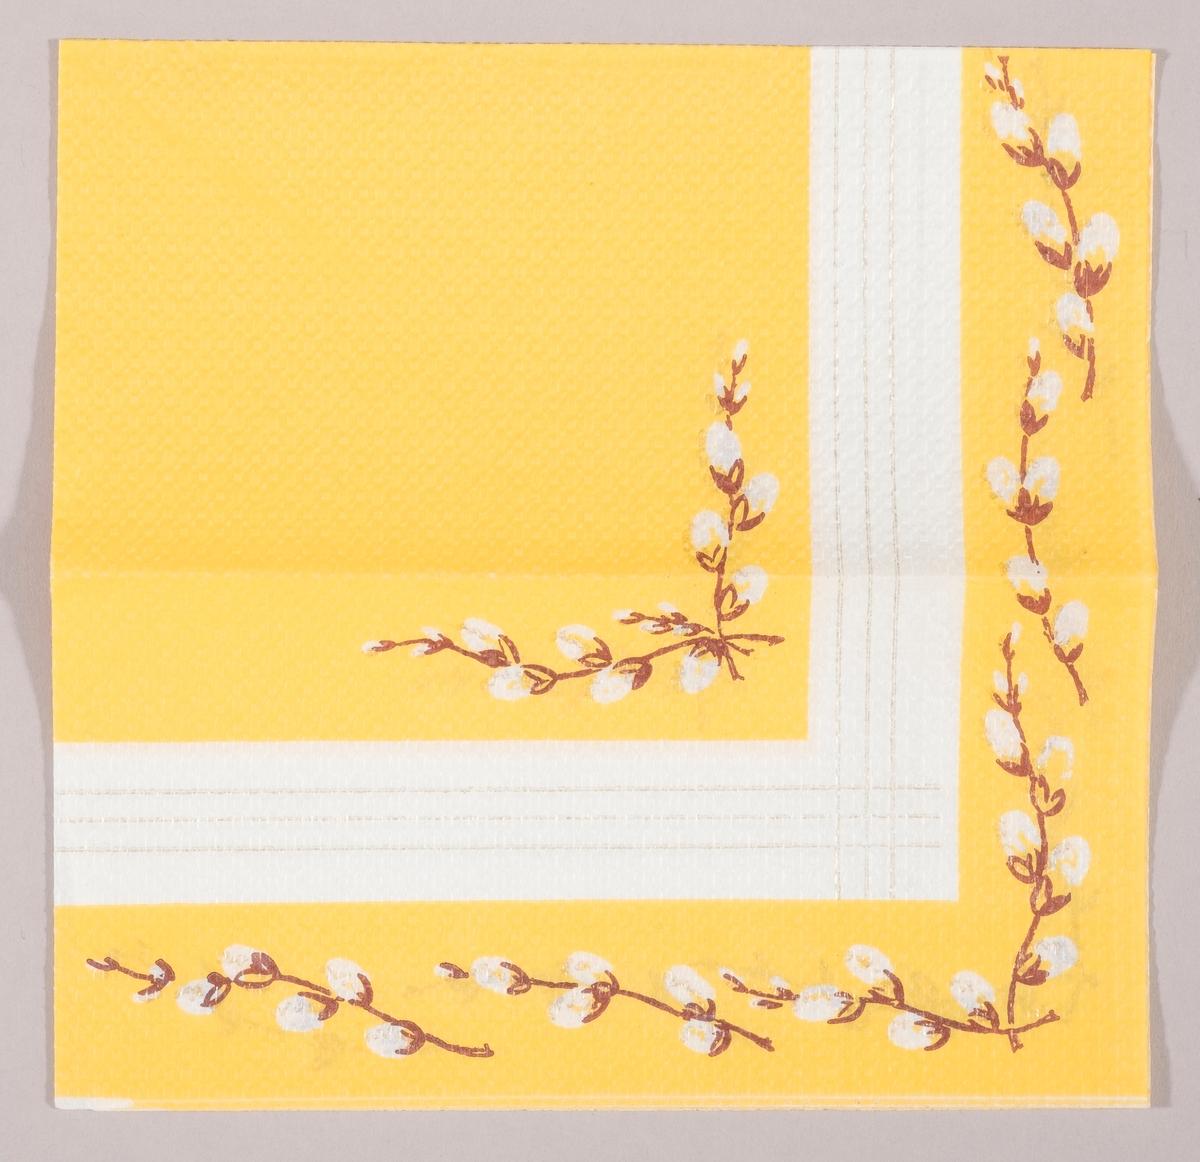 """Grener med """"gåsunger"""". Gullstriper som krysser hverandre. Gul og hvit bakgrunn."""